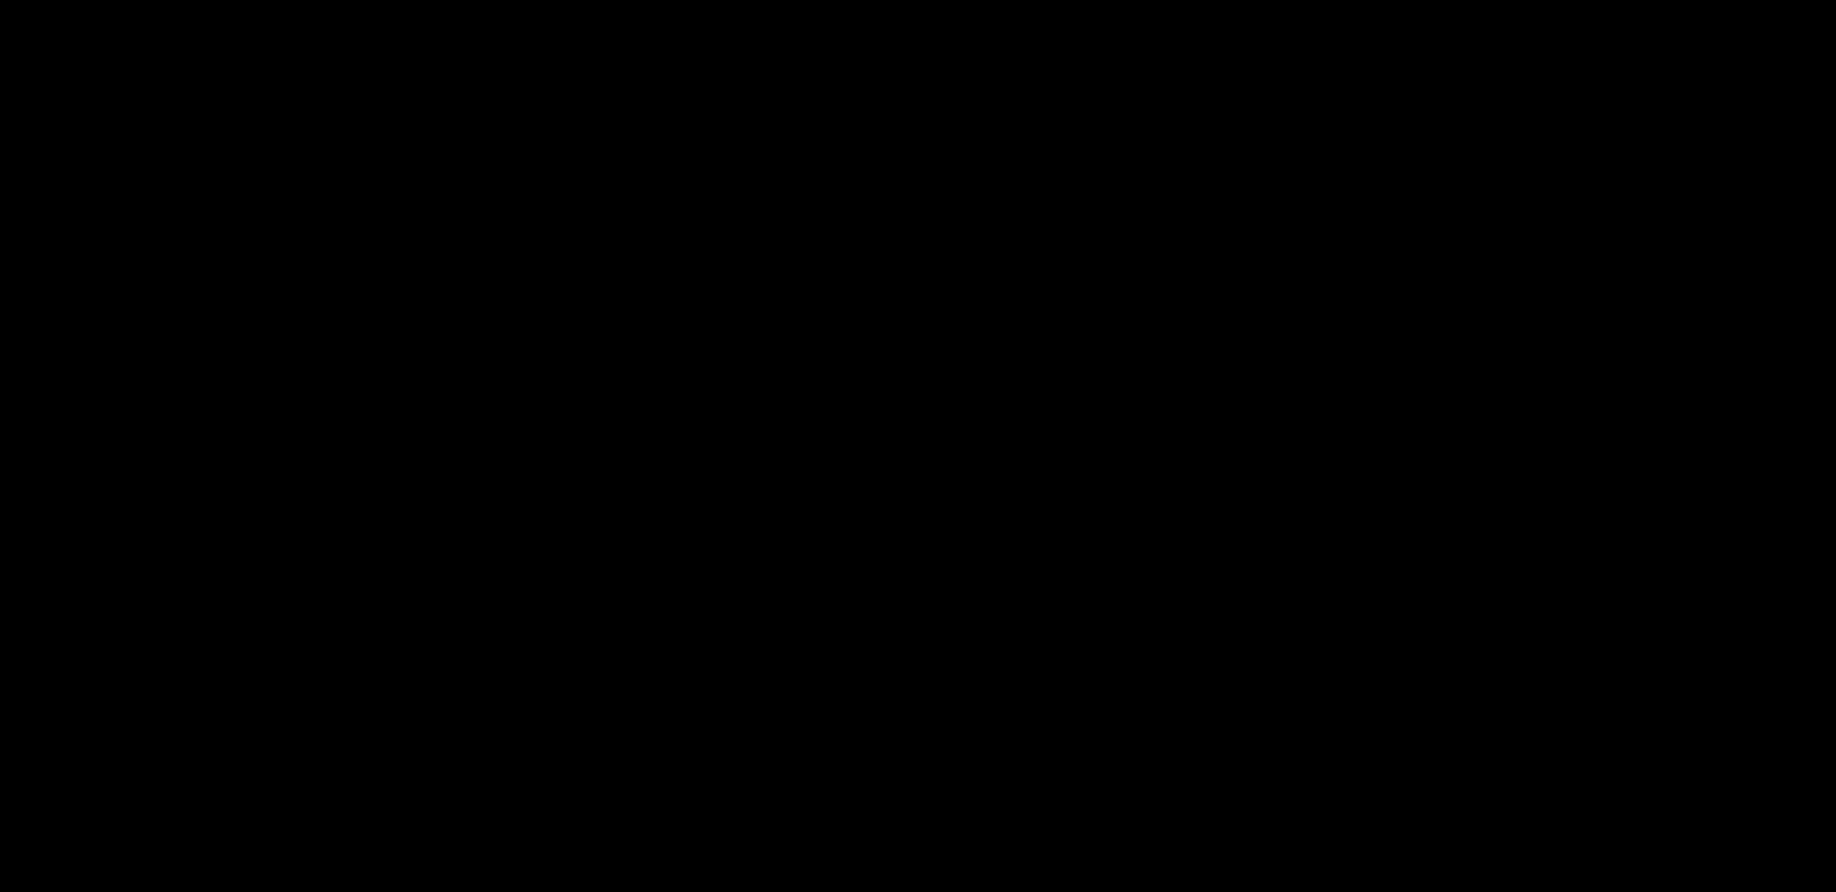 P7C3A20